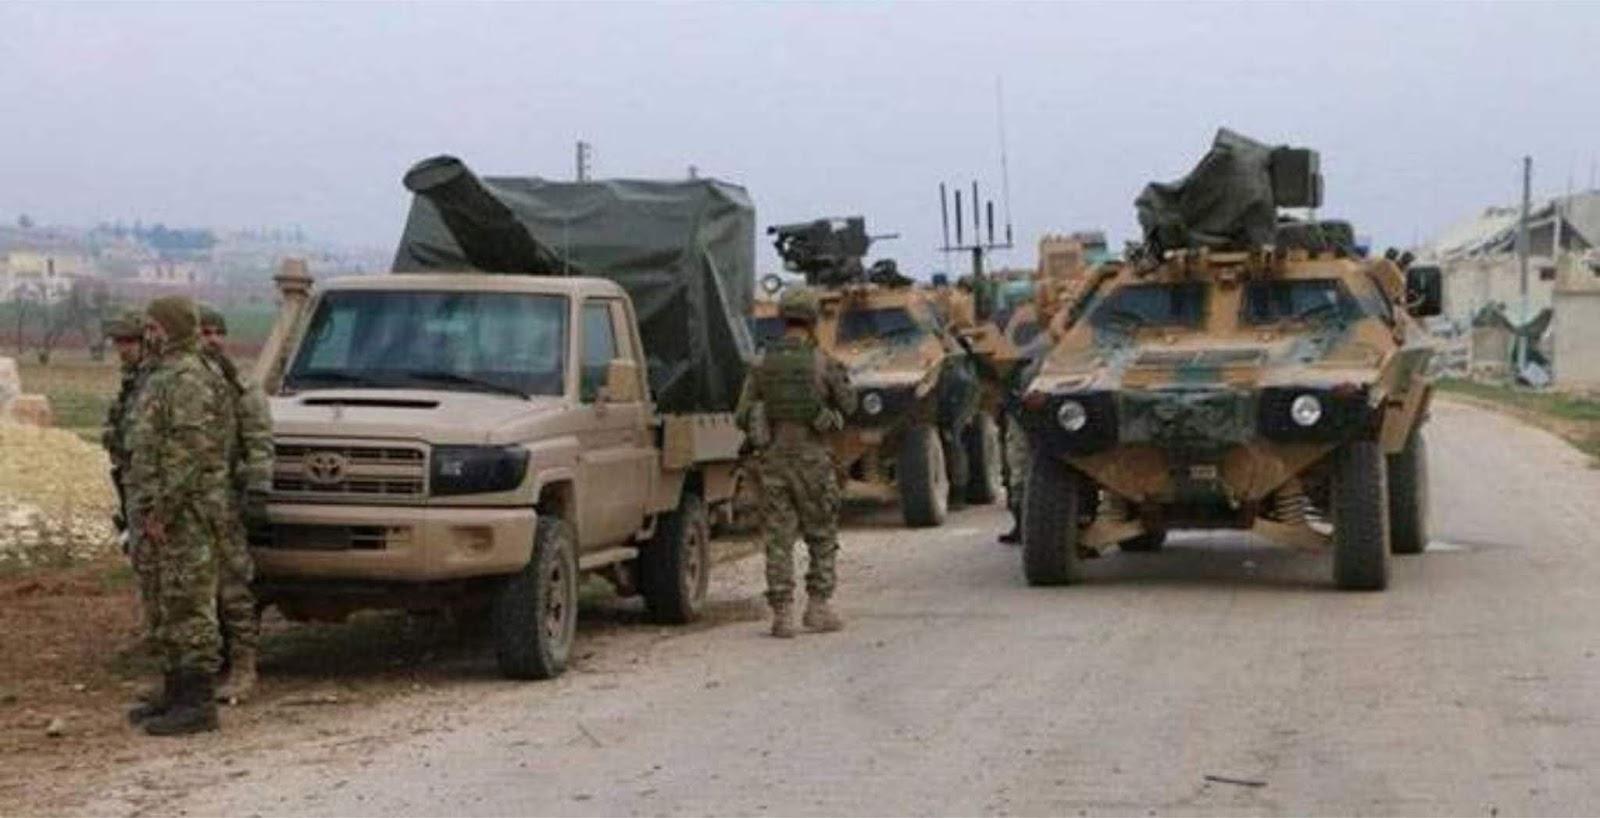 Militer Libya menuduh Turki menyerang dan mengancam dengan serangan ke wilayahnya